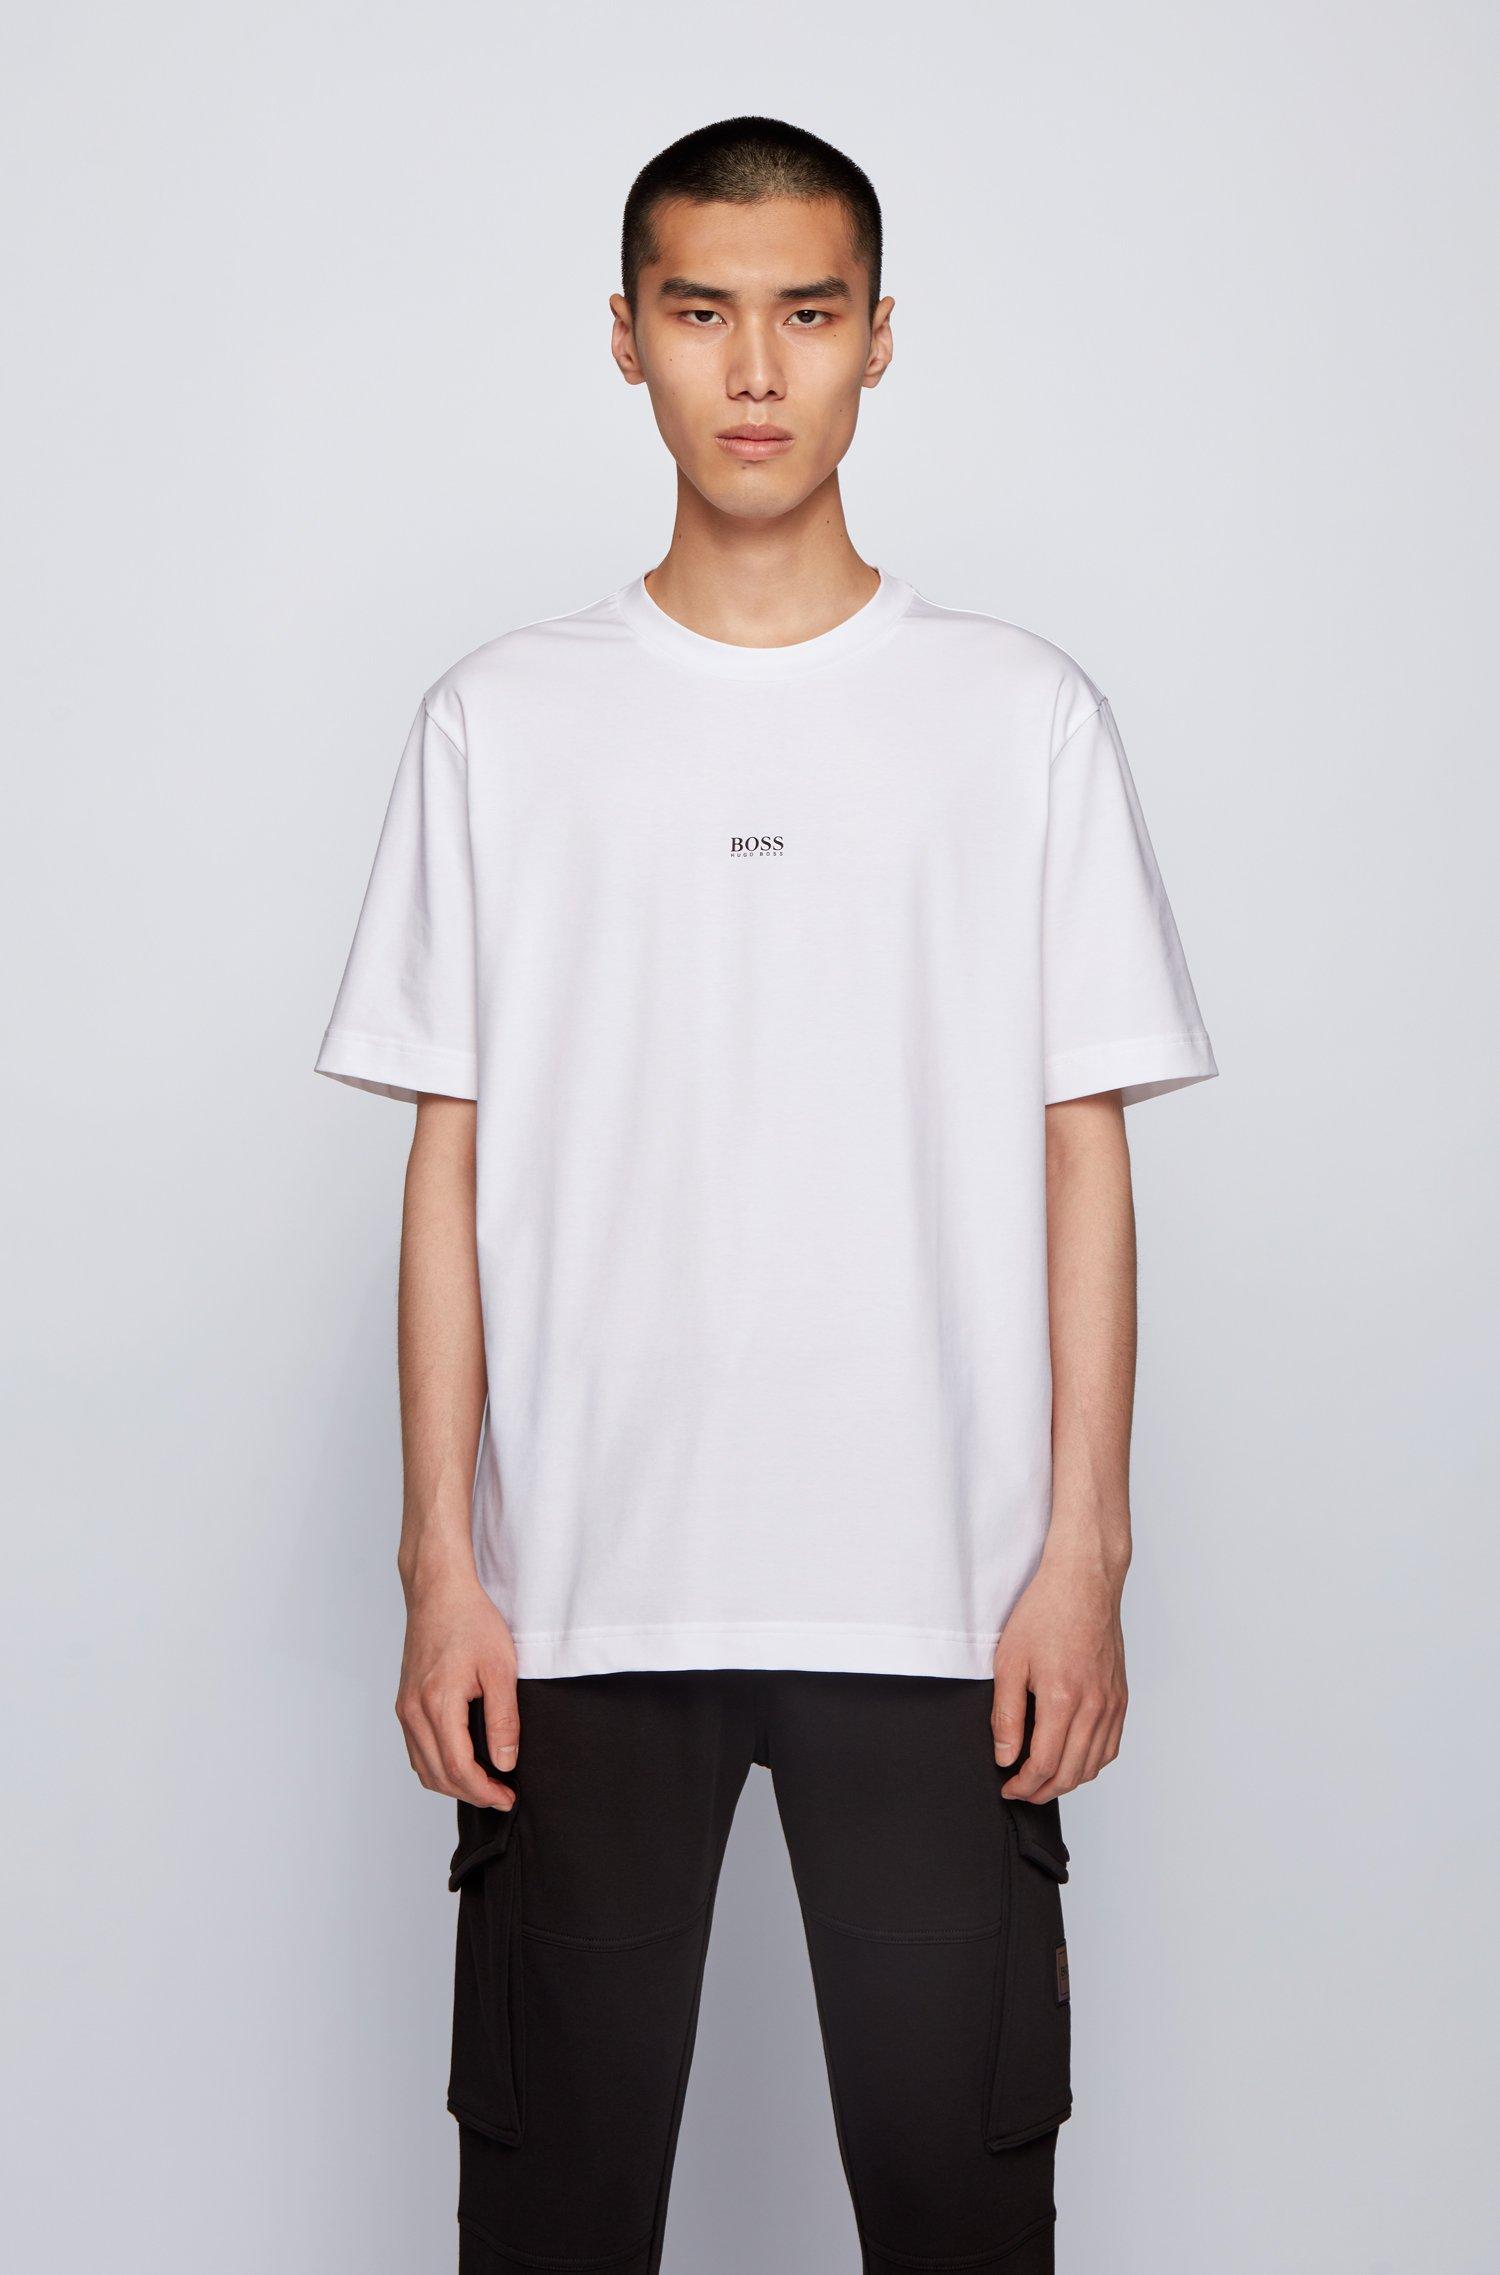 リラックスフィット Tシャツ ストレッチコットン 多層ロゴ, ホワイト